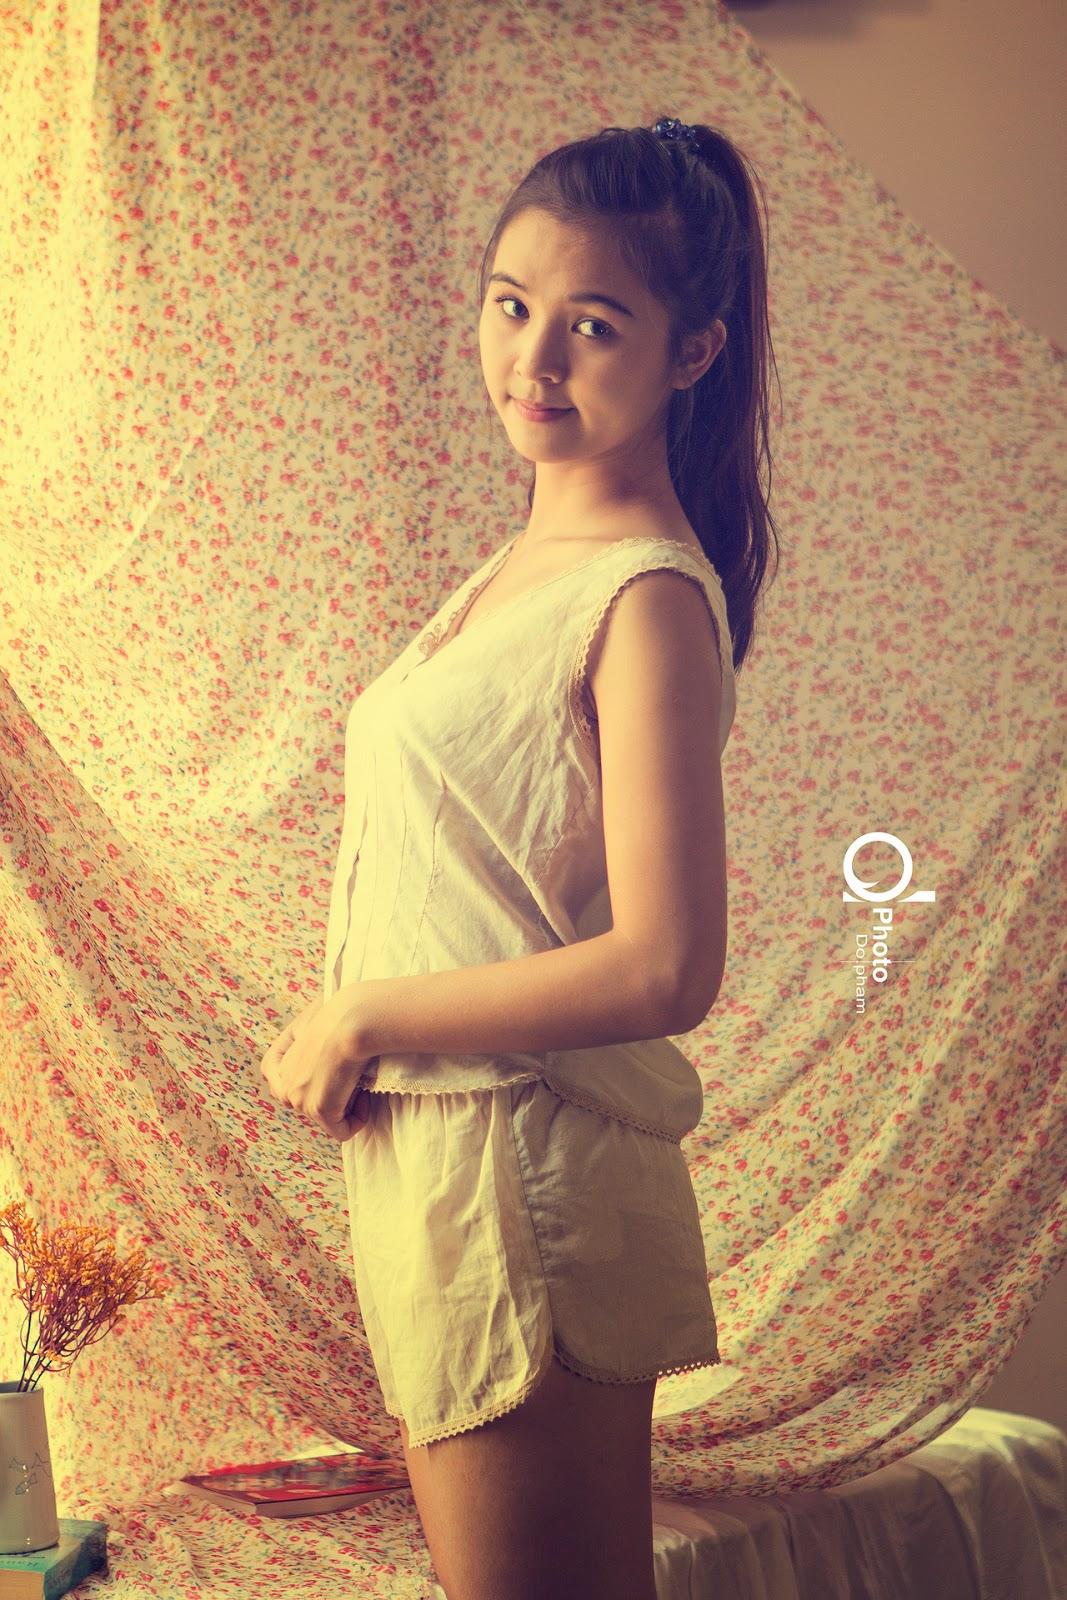 Ảnh đẹp girl xinh Việt Nam Việt Nam -Ảnh 22